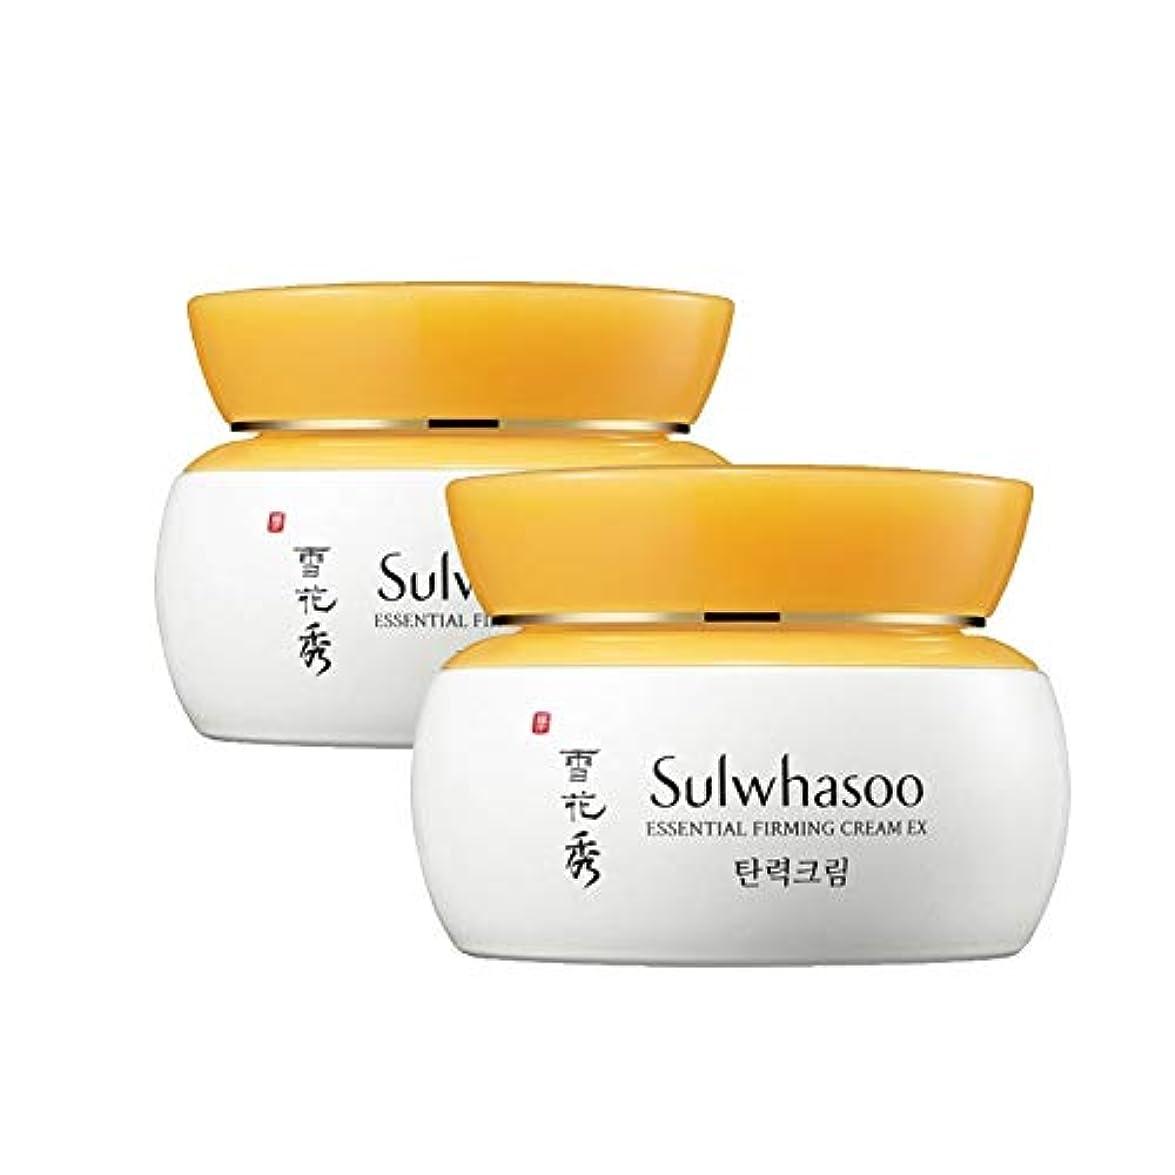 変形する自分おしゃれな雪花秀エッセンシャルパーミングクリーム 75mlx2本セット 弾力クリーム韓国コスメ、Sulwhasoo Essential Firming Cream 75ml x 2ea Set Korean Cosmetics [...